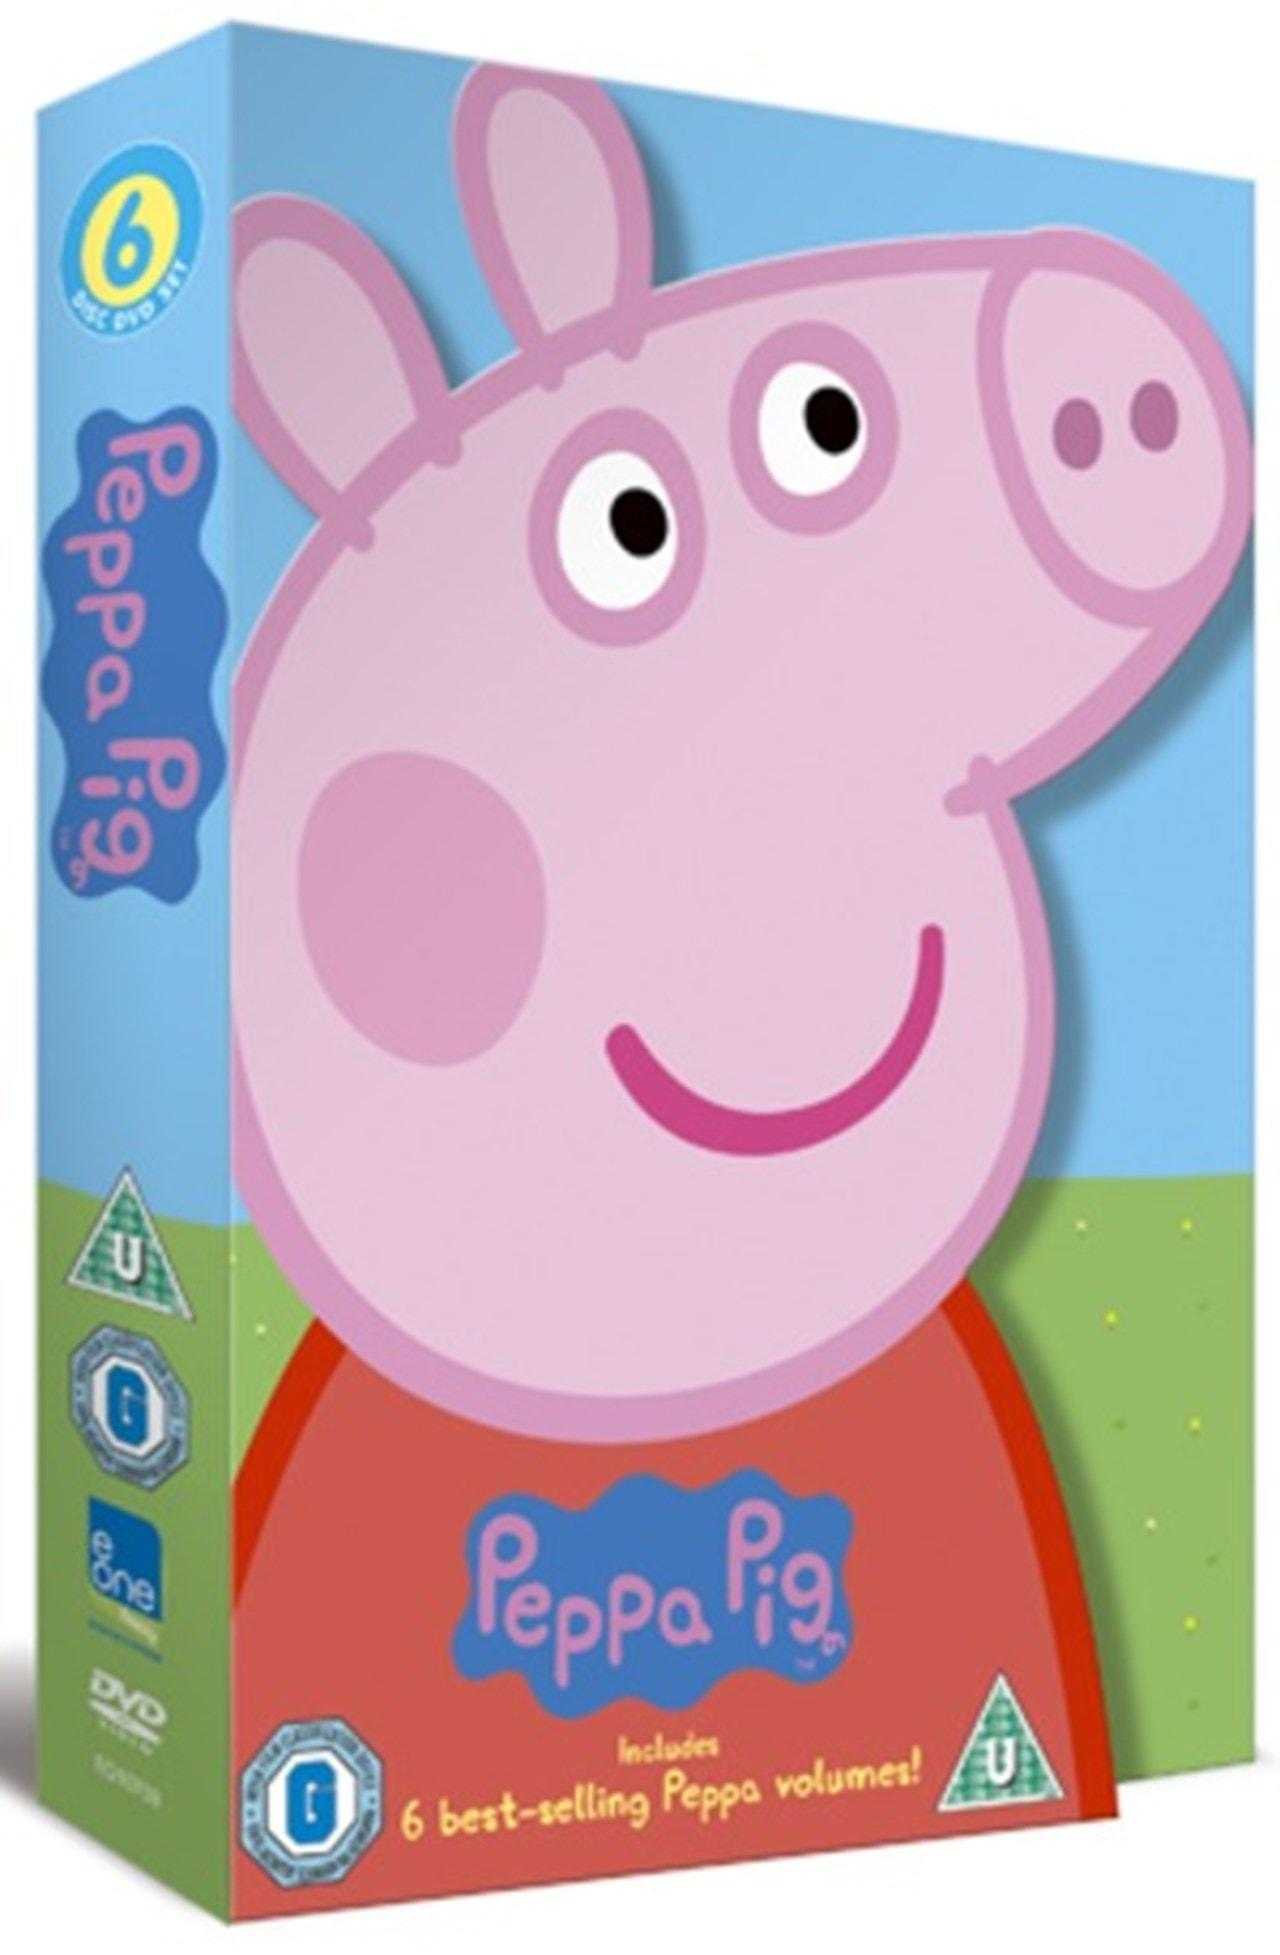 Peppa Pig: 6 Best-selling Peppa Volumes - 1